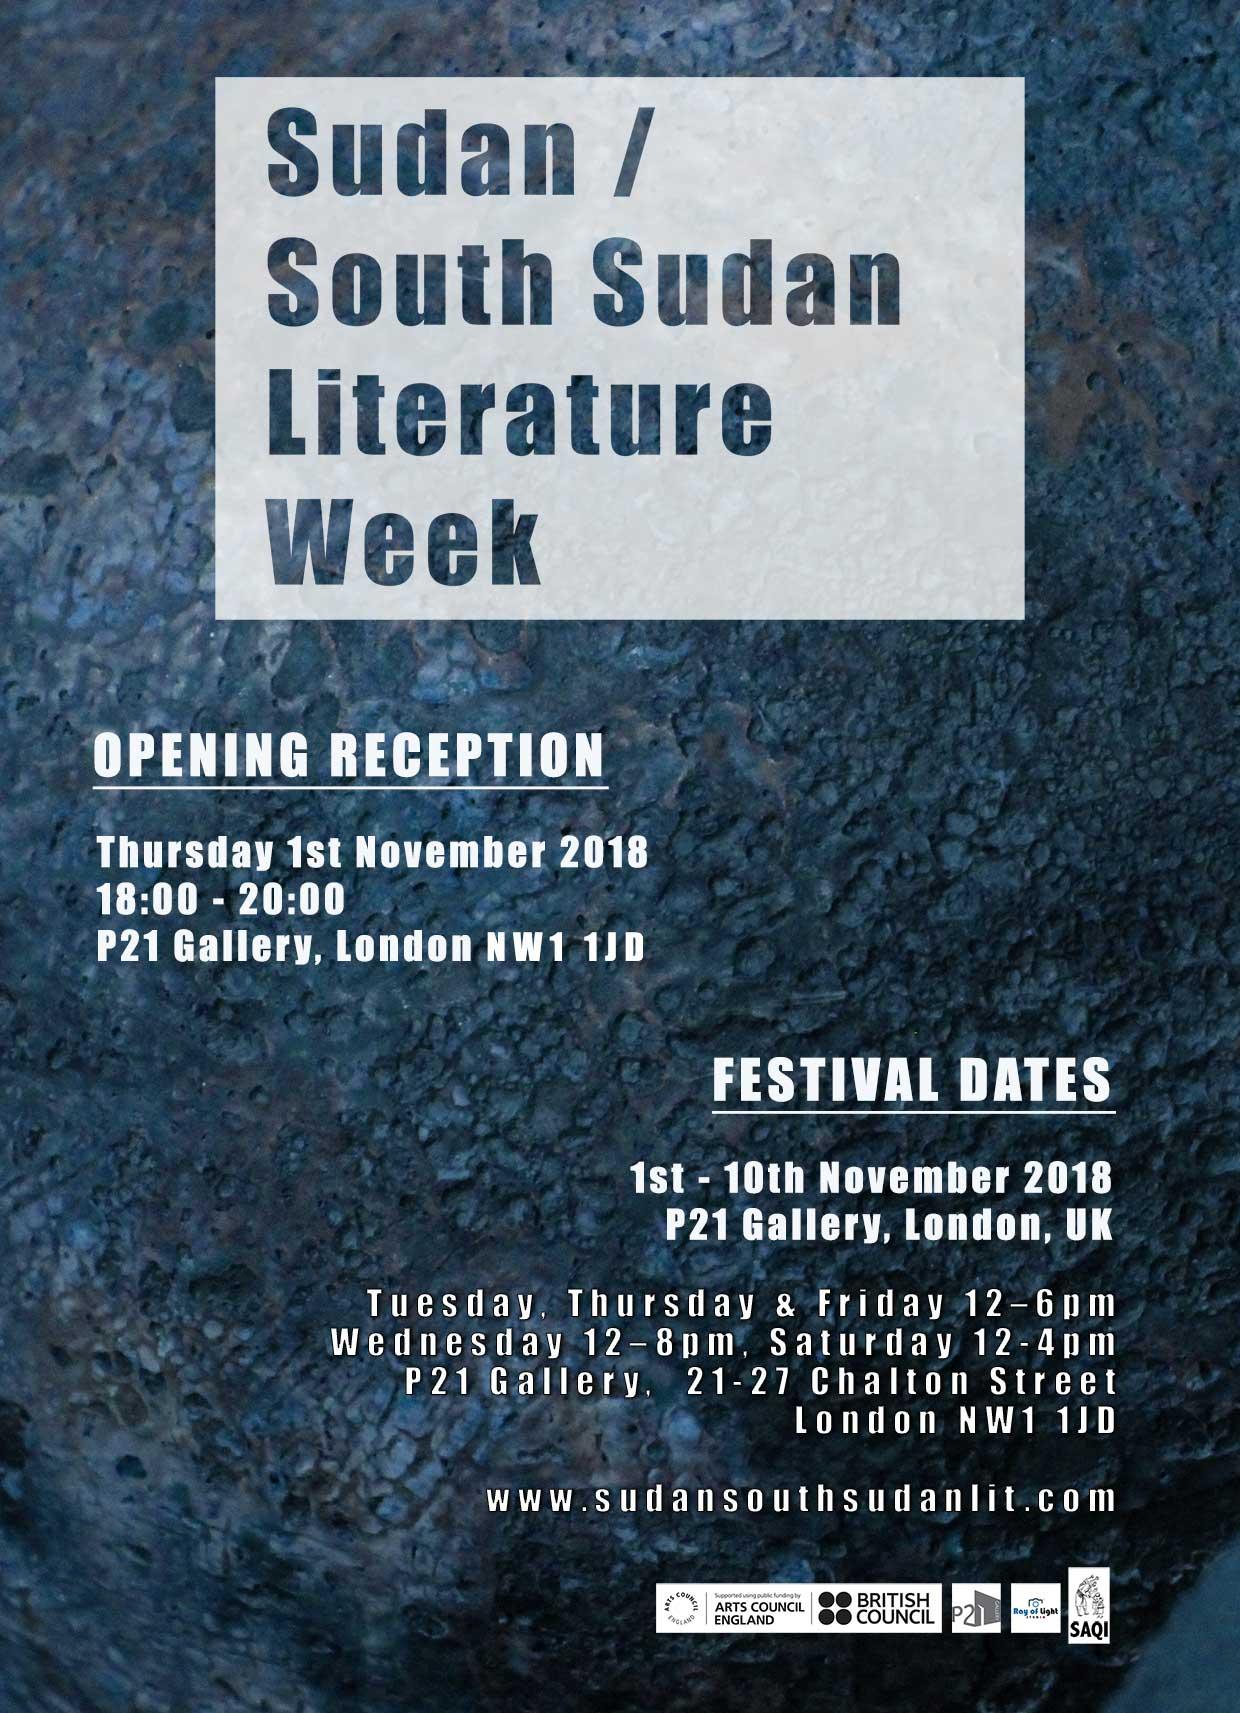 P21 Gallery, South Sudan Lit Week